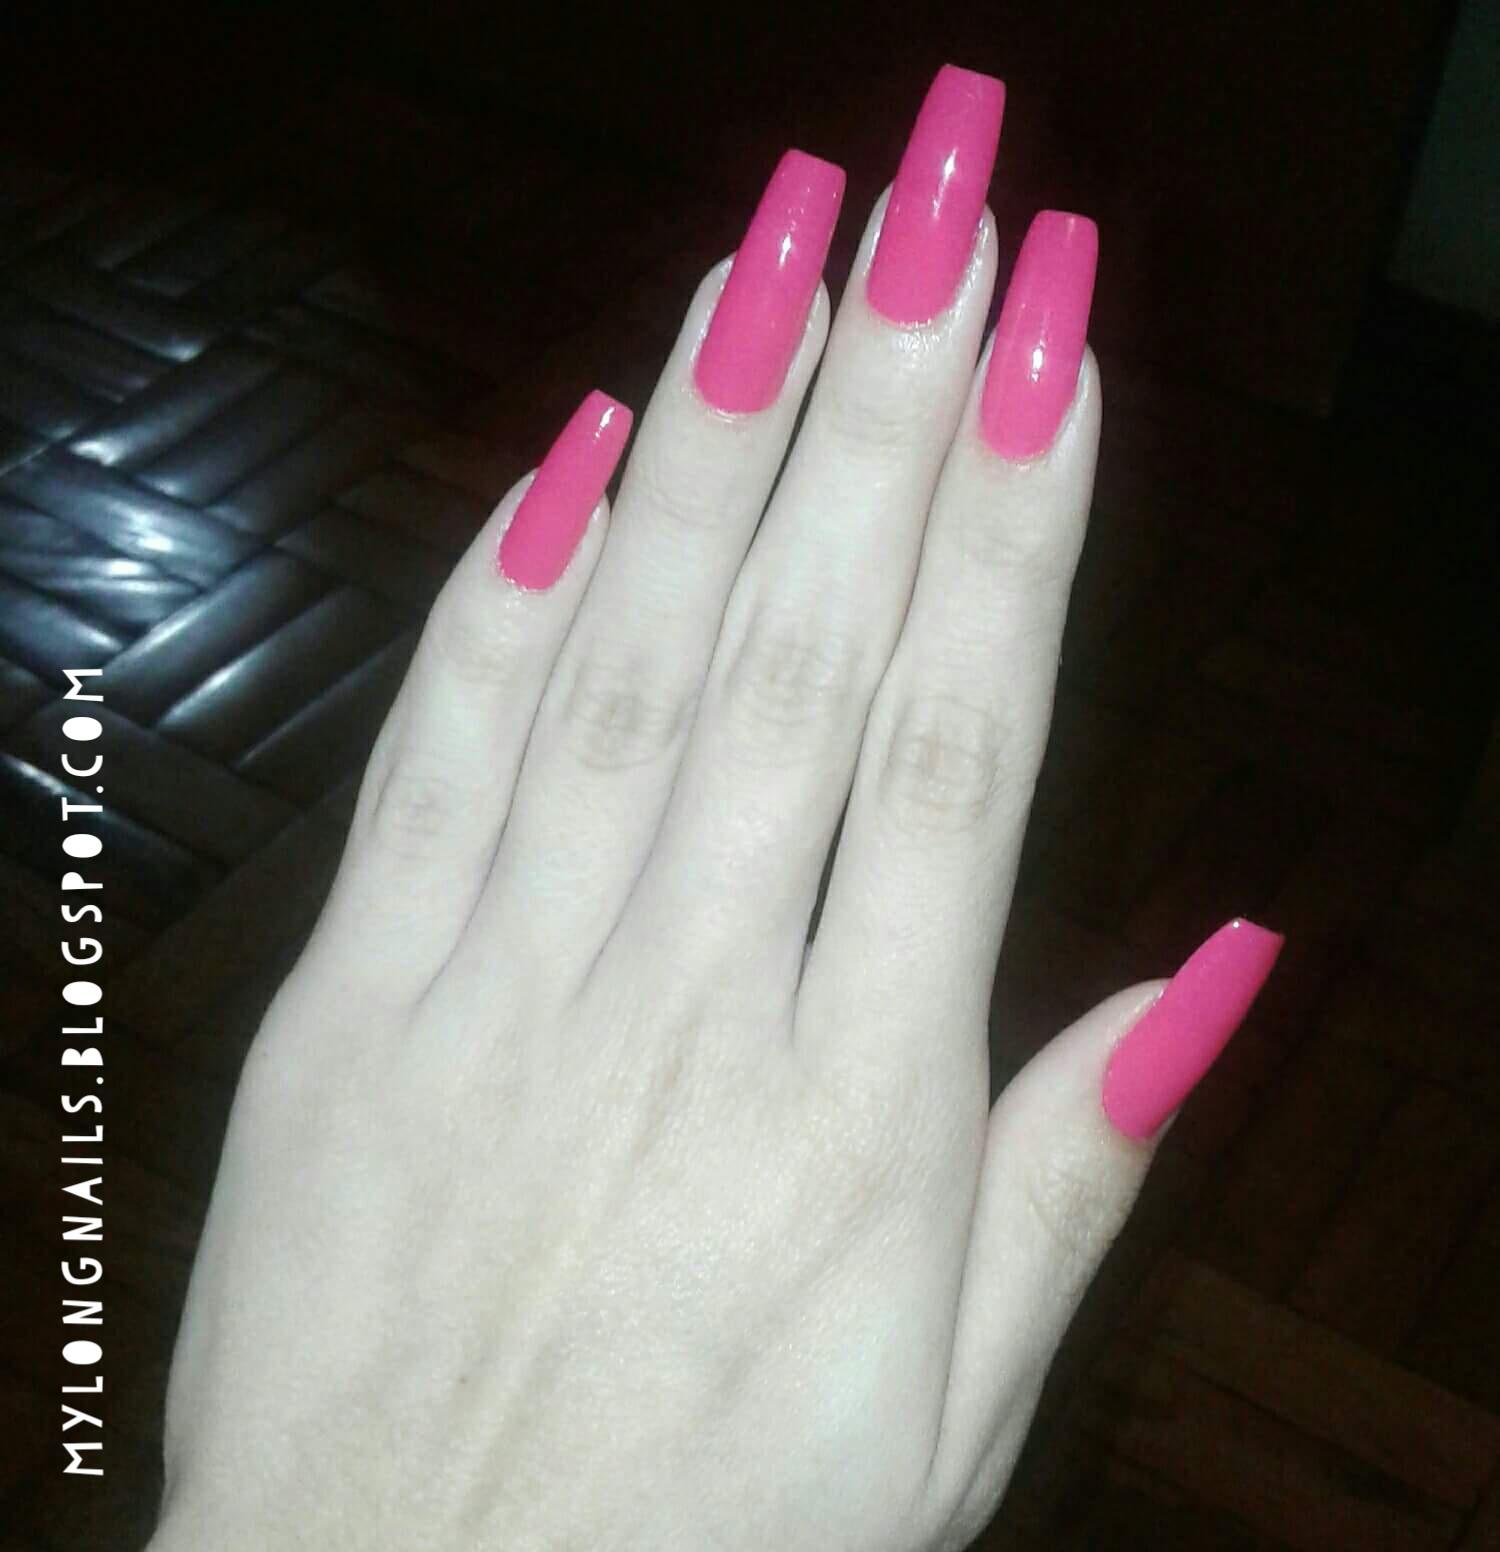 Long Nails: Julia\'s beautiful natural long nails - 2